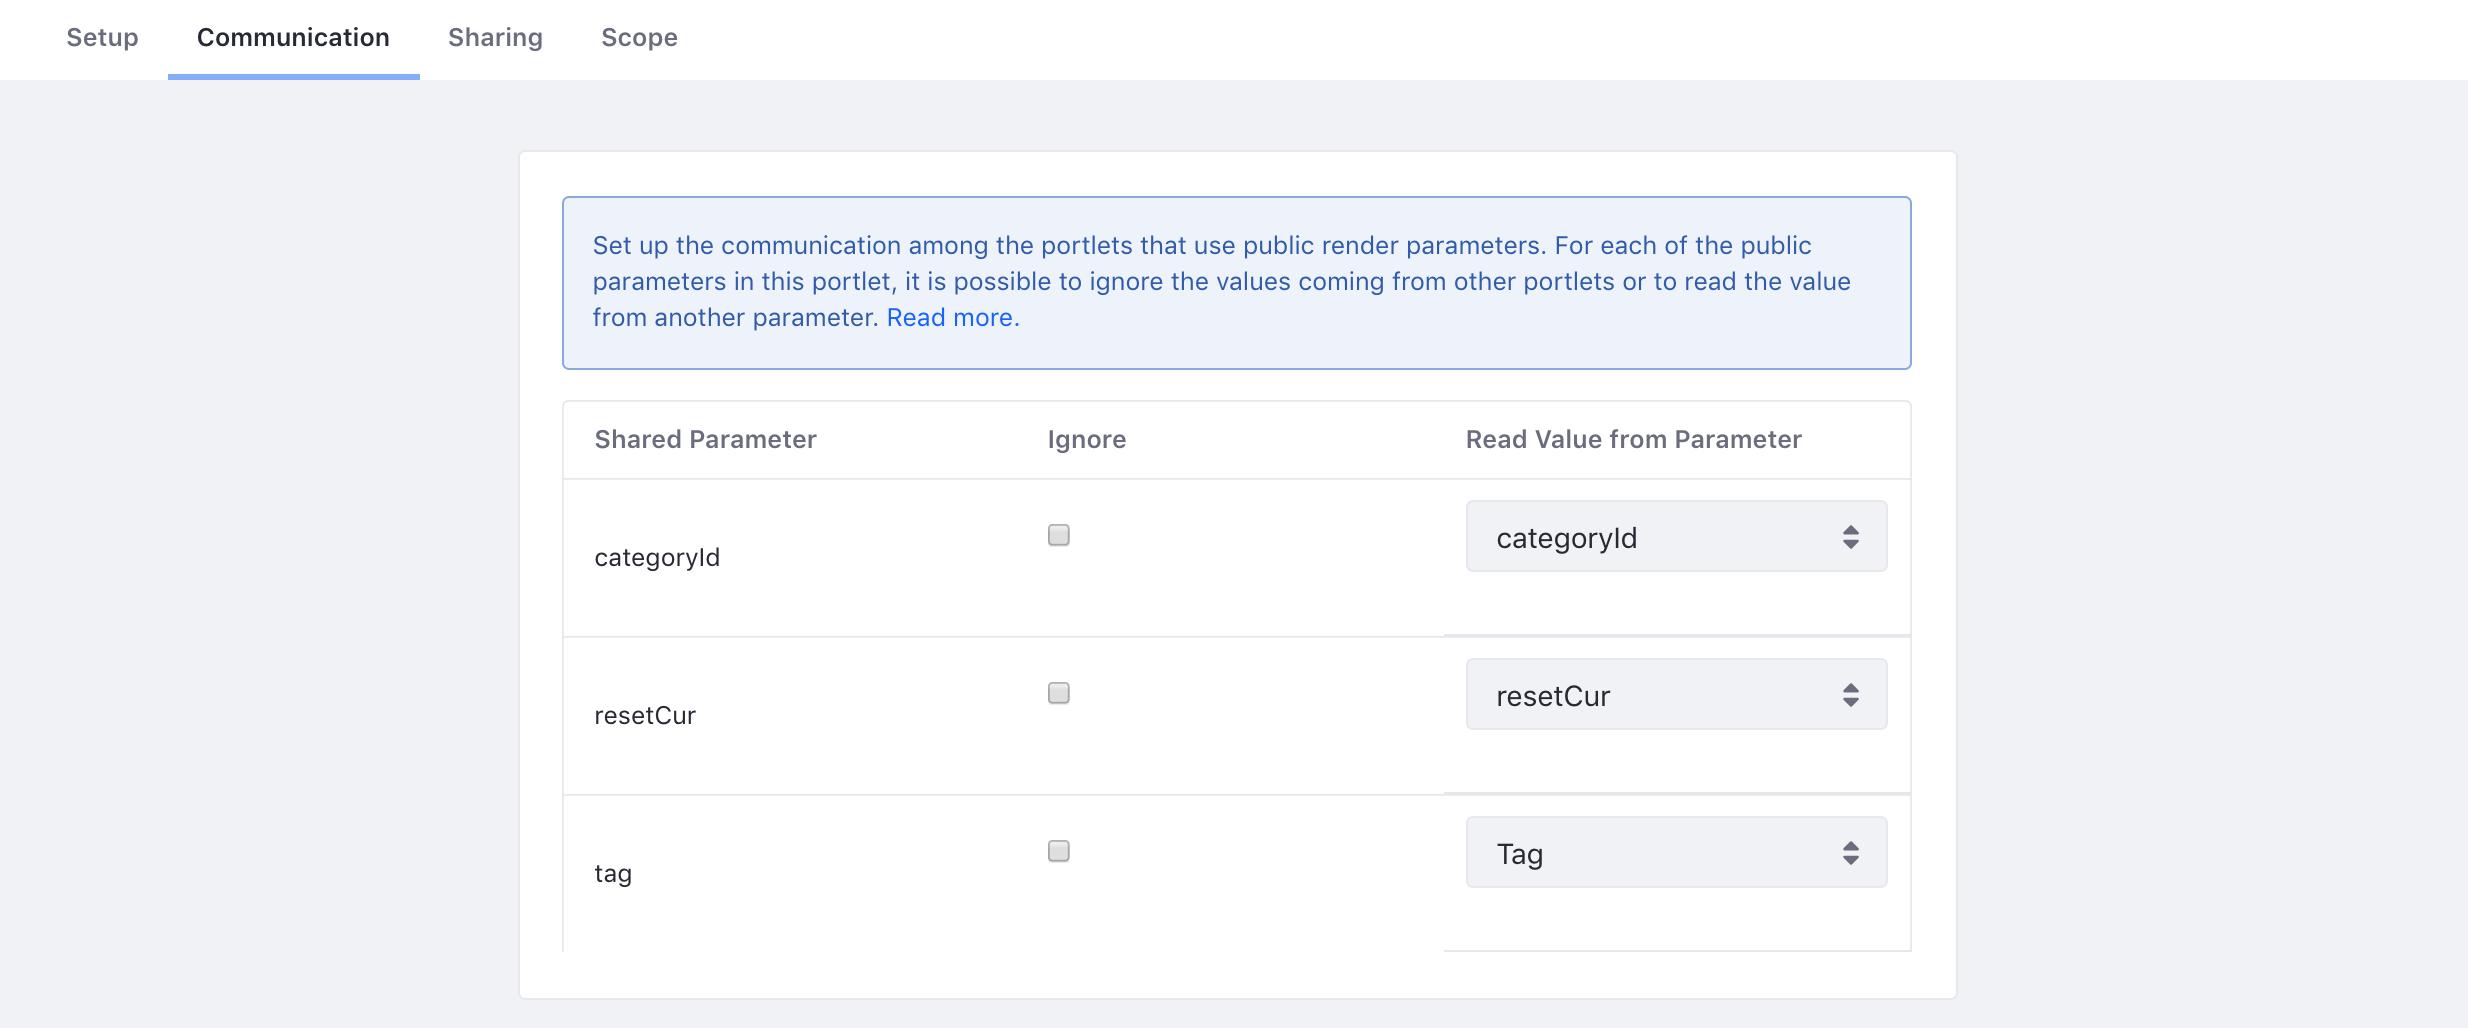 図1:パブリックレンダリングパラメータを使用して相互に通信するようにポートレットを設定できます。